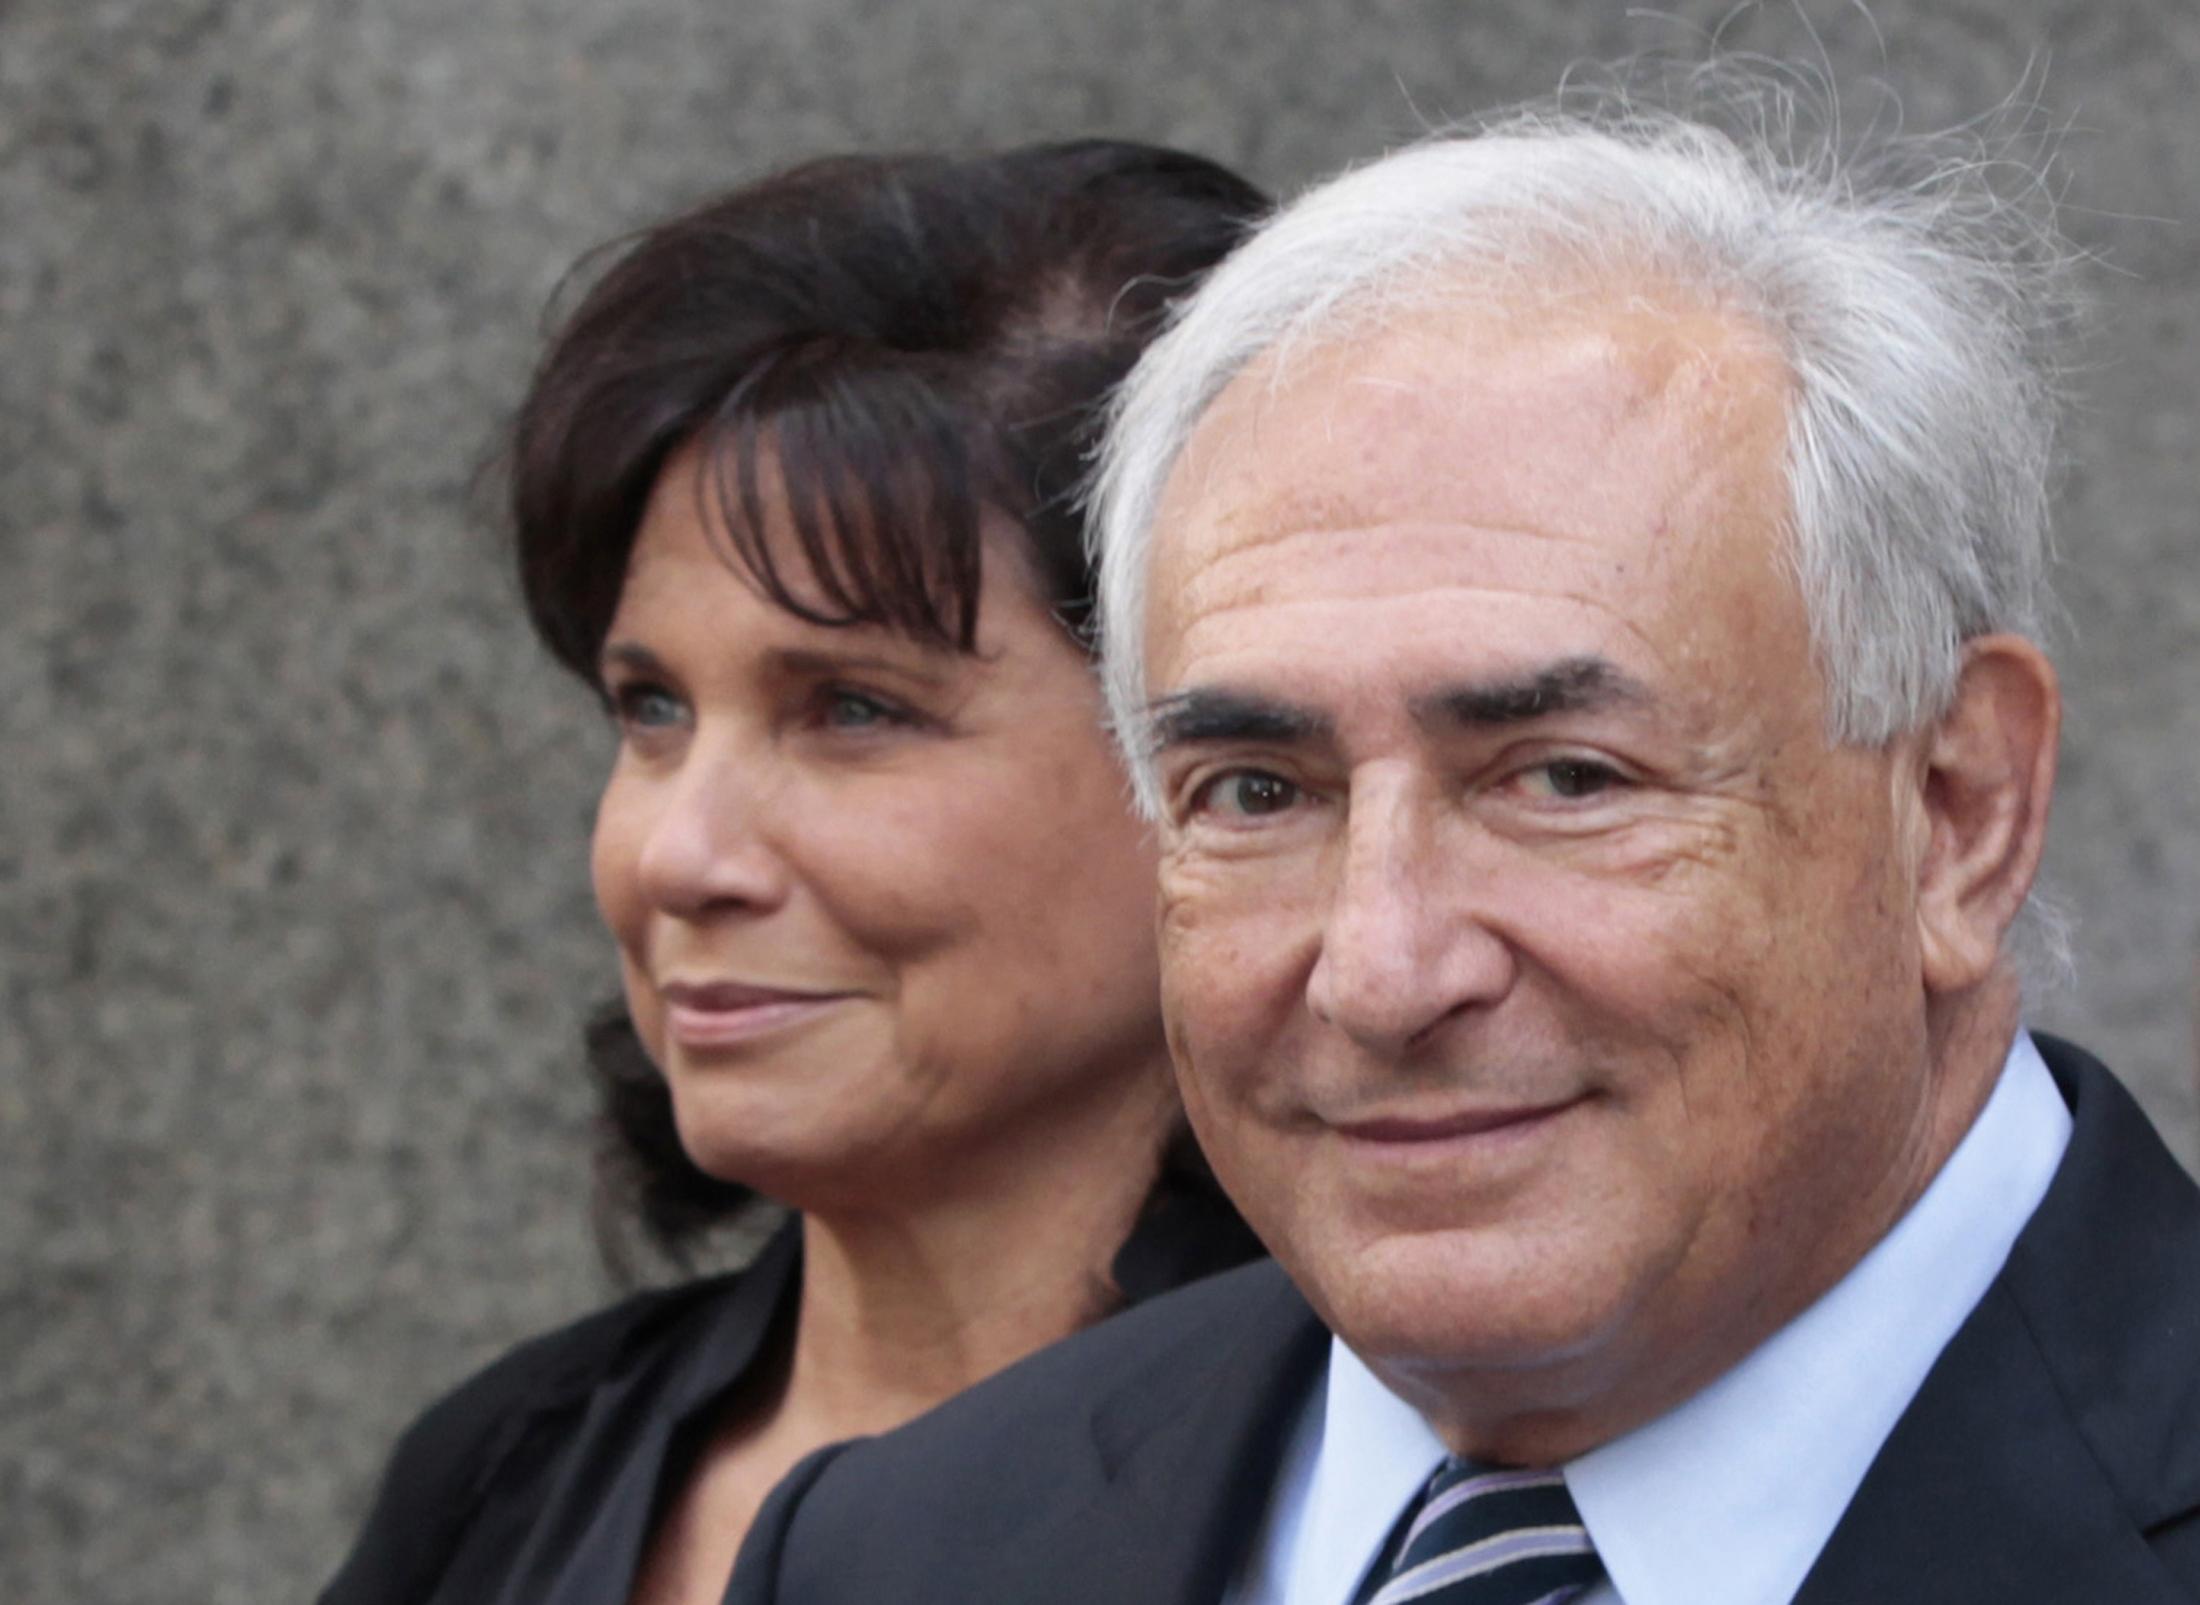 前國際貨幣基金(IMF)總裁卡恩(右),2011年8月23日和妻子在曼哈頓高等法院聽證後步出法庭,兩人笑容滿面,對於刑事控訴被撤如釋重負。(路透)